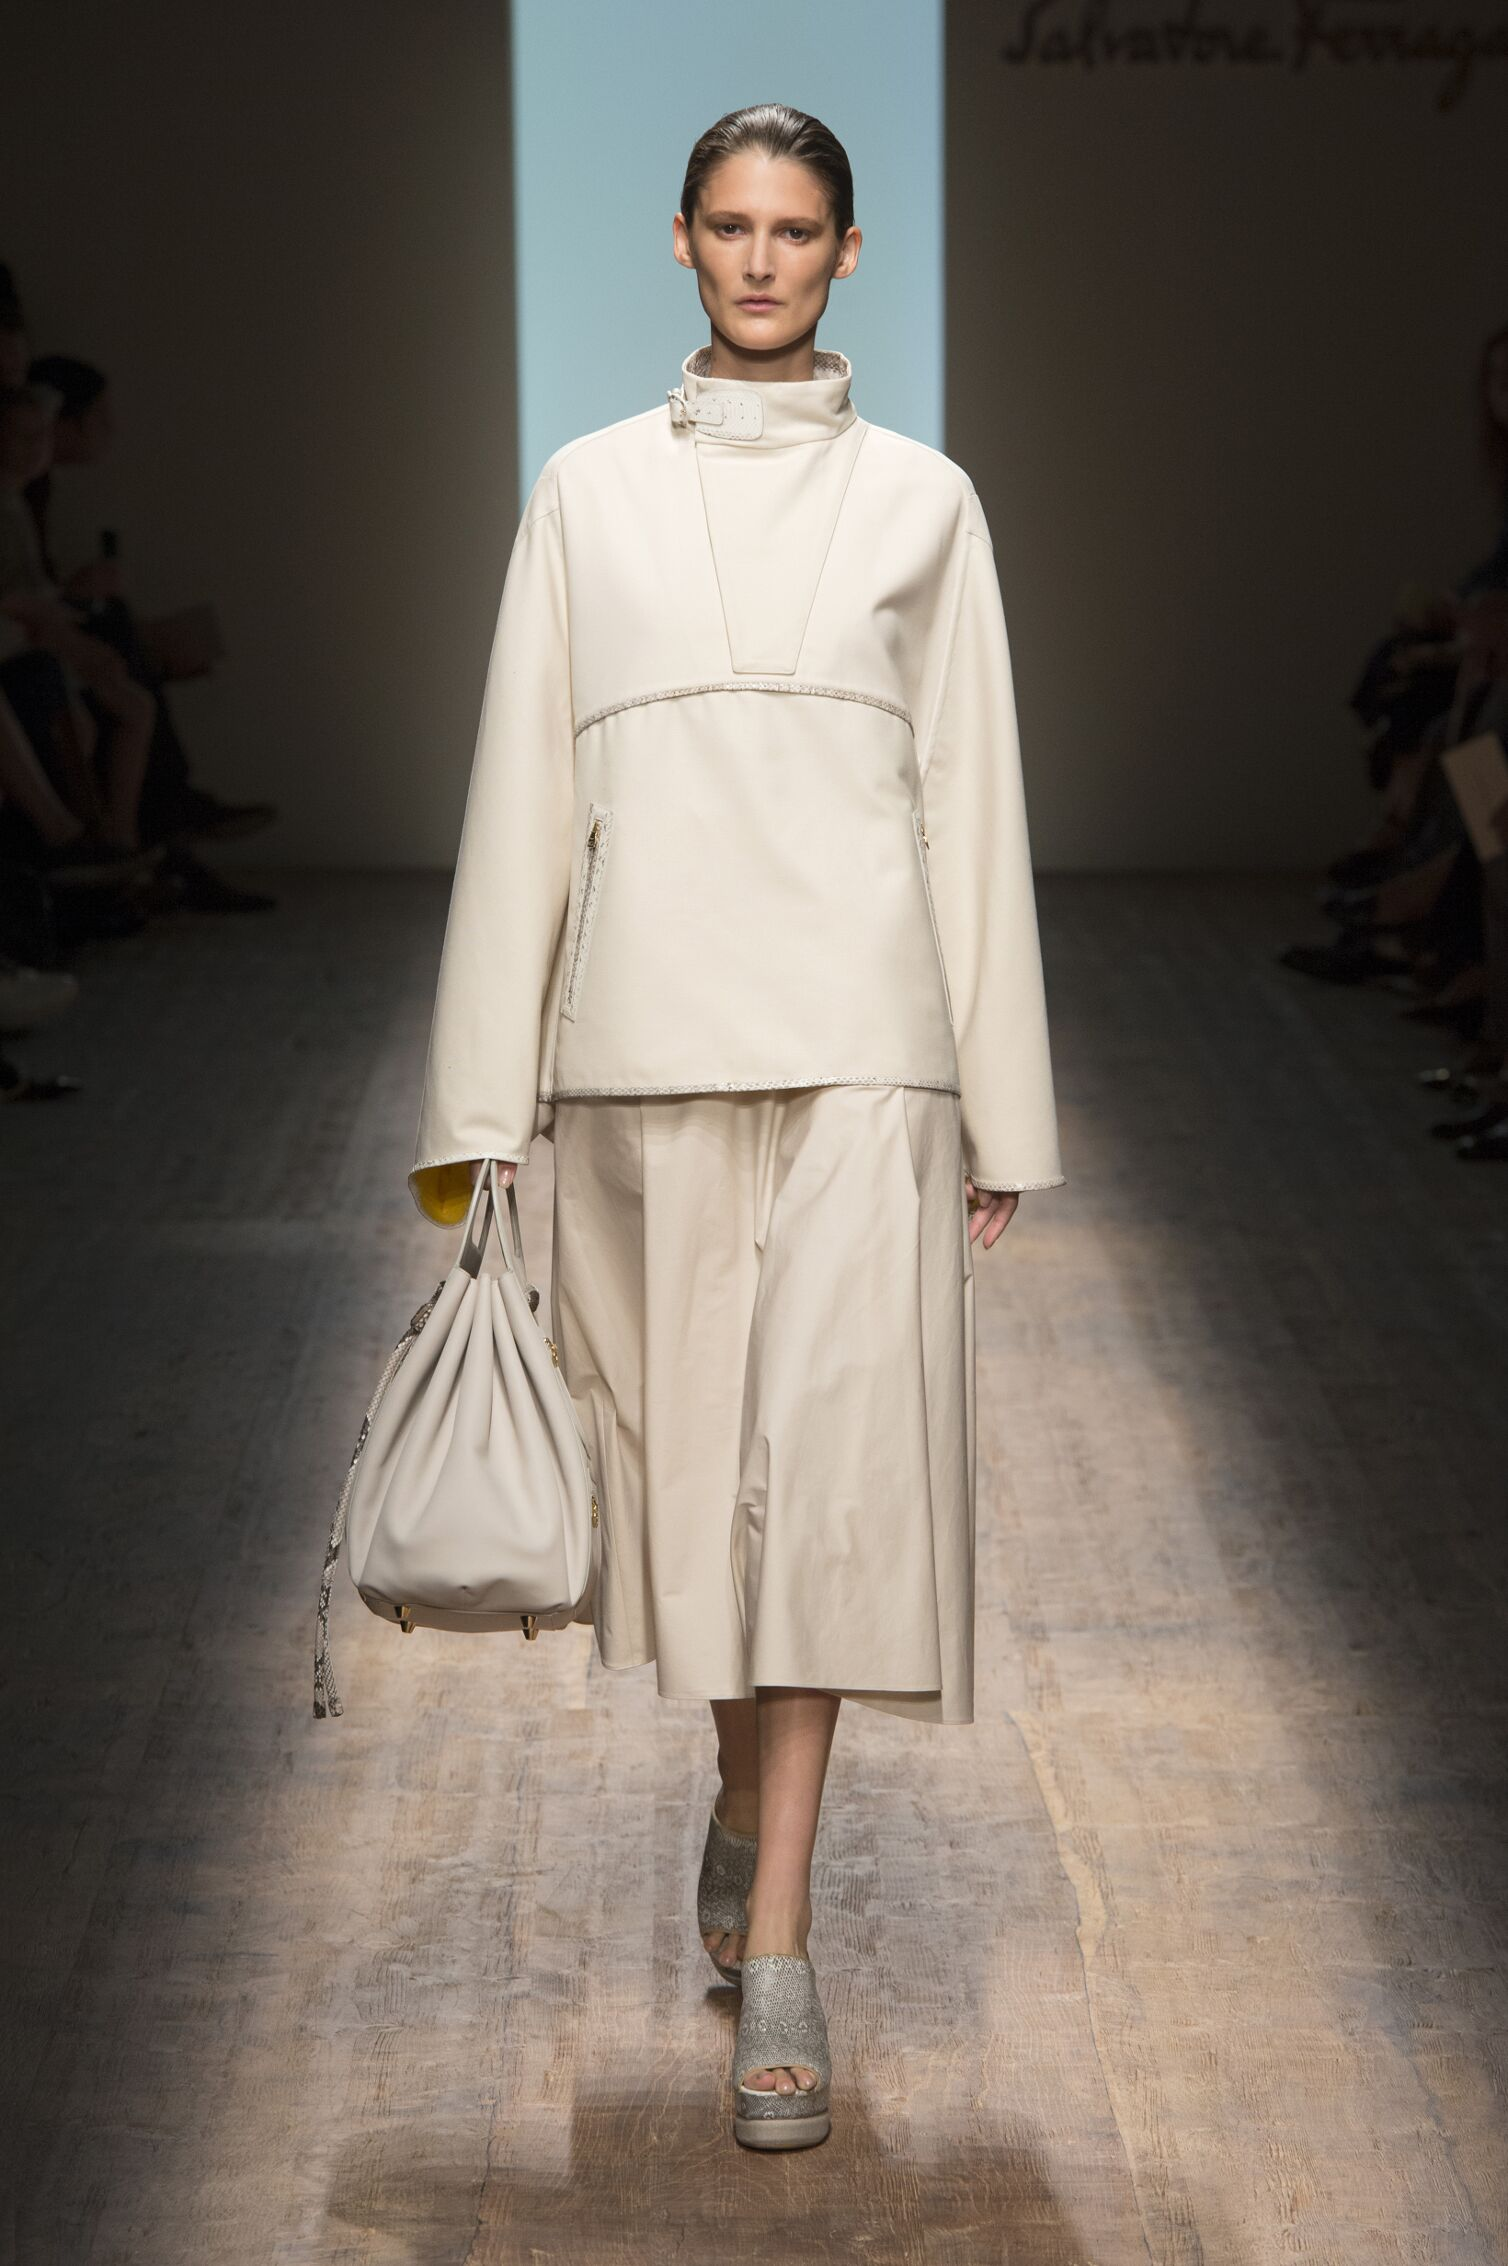 Summer 2015 Fashion Show Salvatore Ferragamo